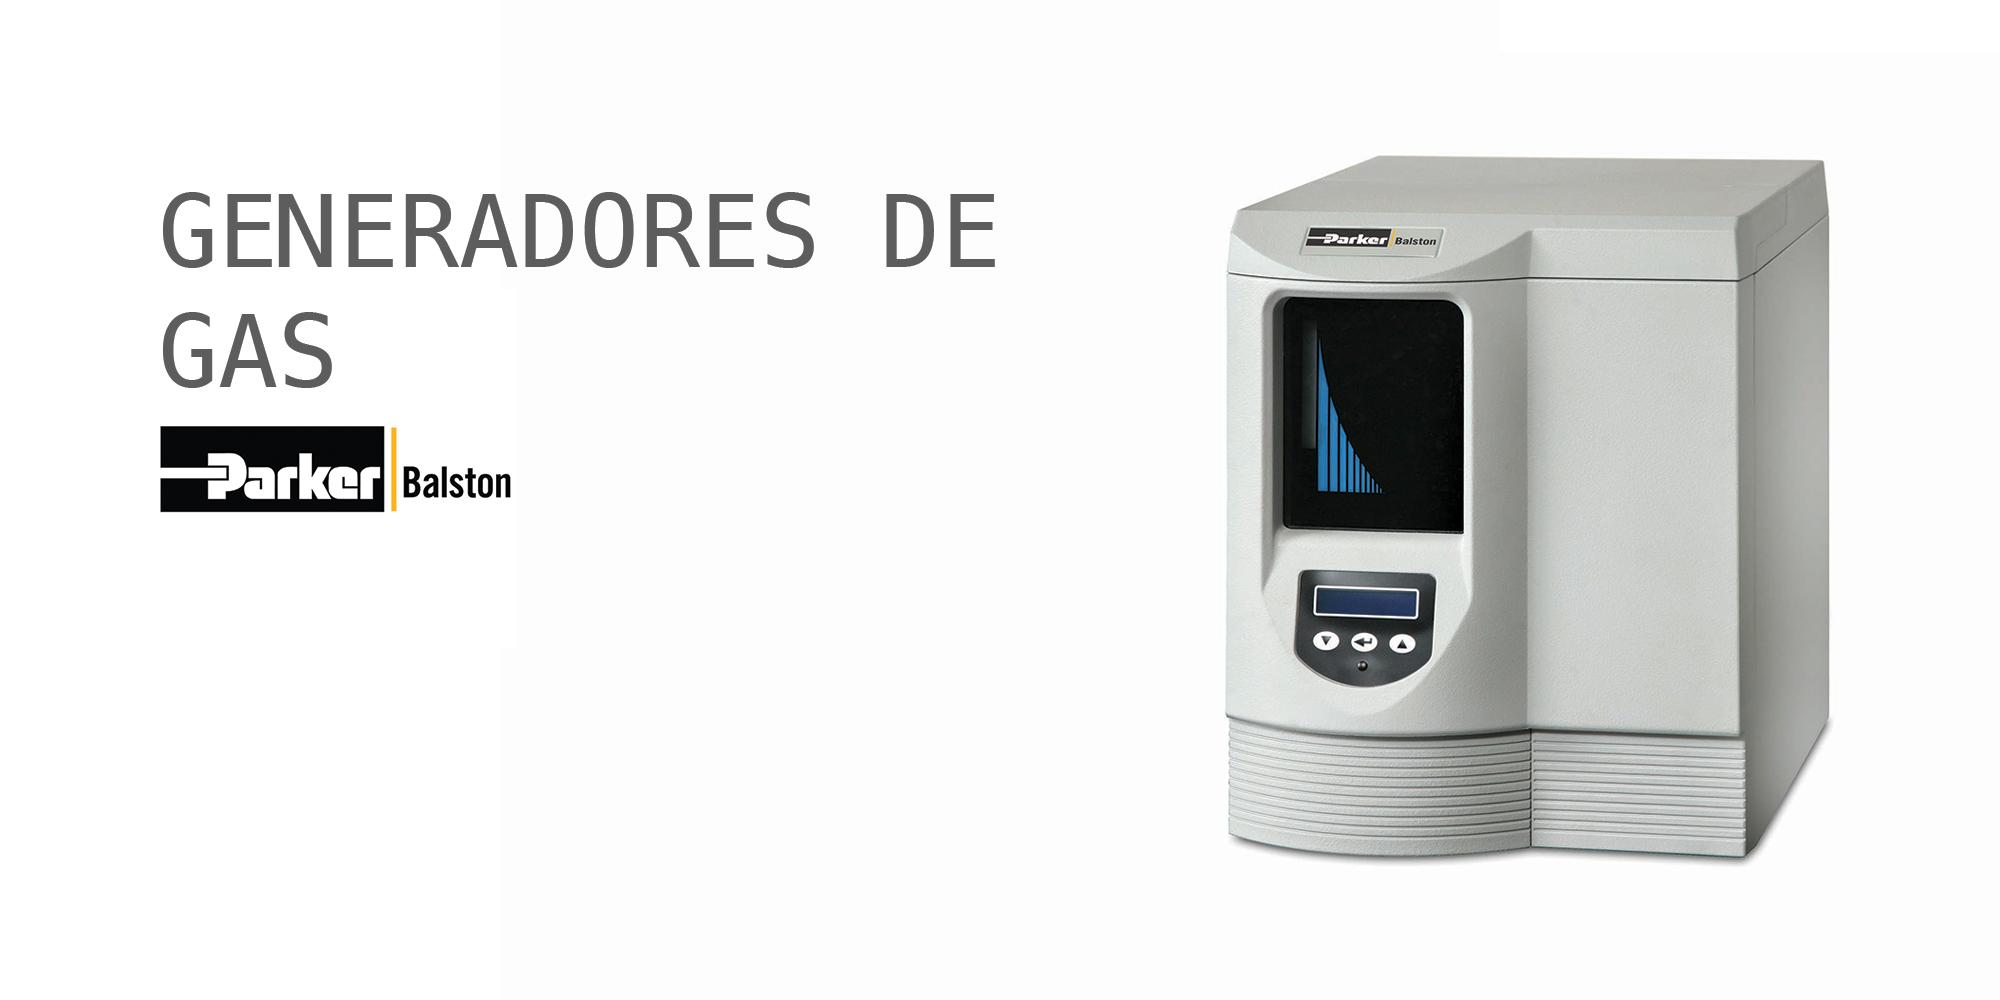 GENERADORES DE GAS.jpg